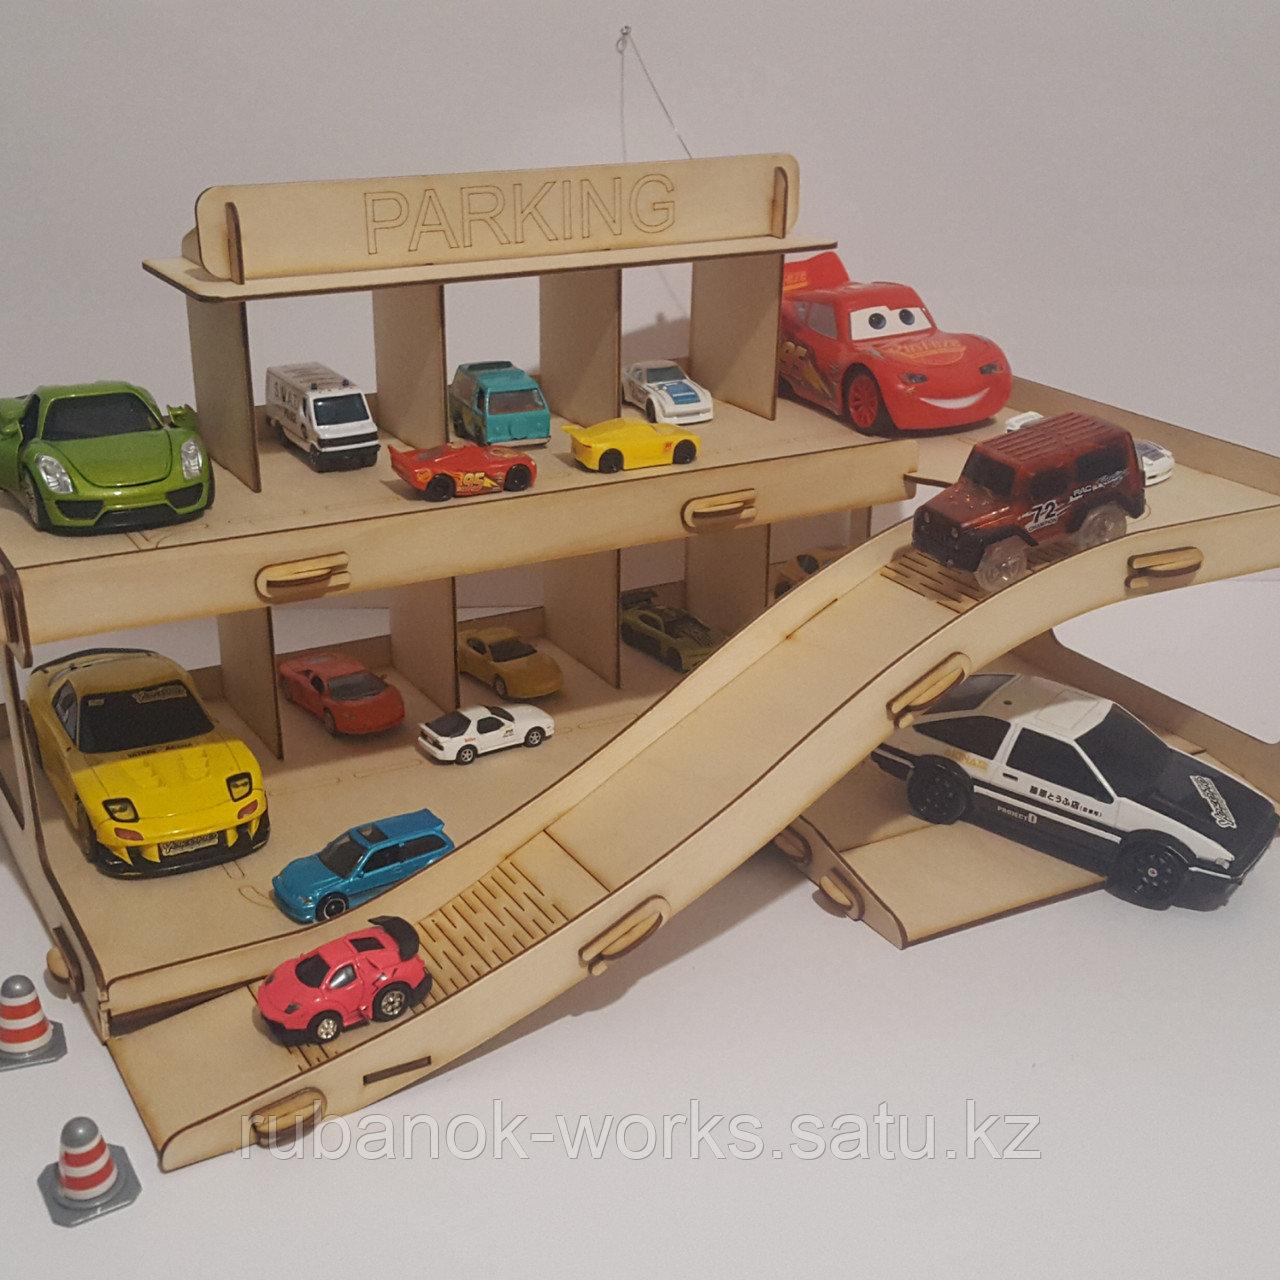 Гараж для машинок с именем, Парковка, Паркинг для машинок 2х этажный